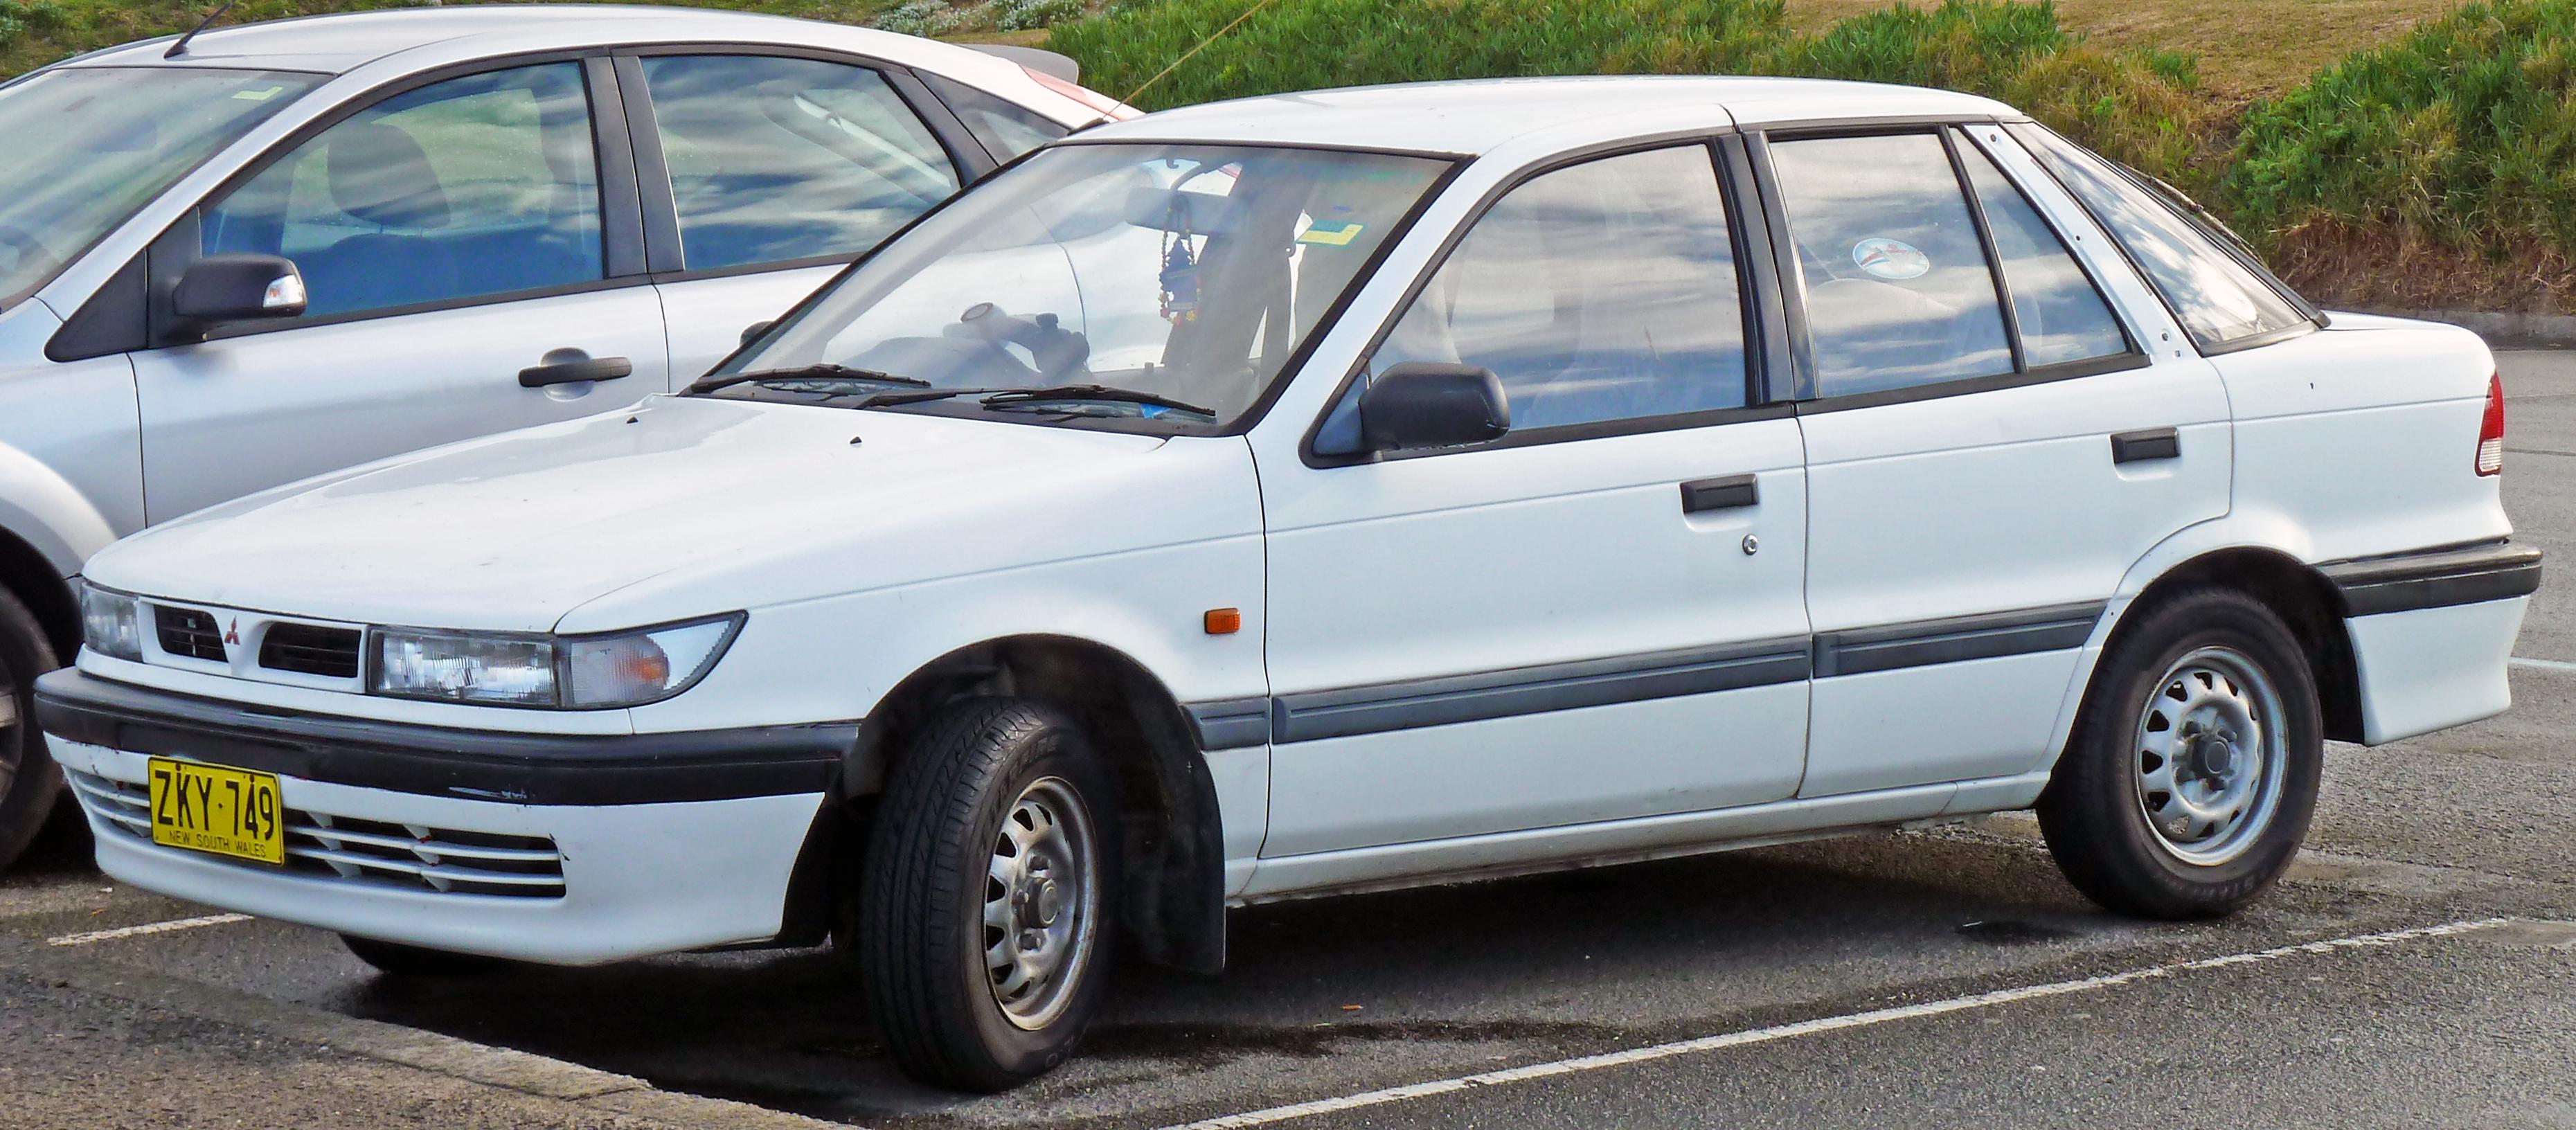 file:1992-1996 mitsubishi lancer (cc) gl 5-door hatchback 03